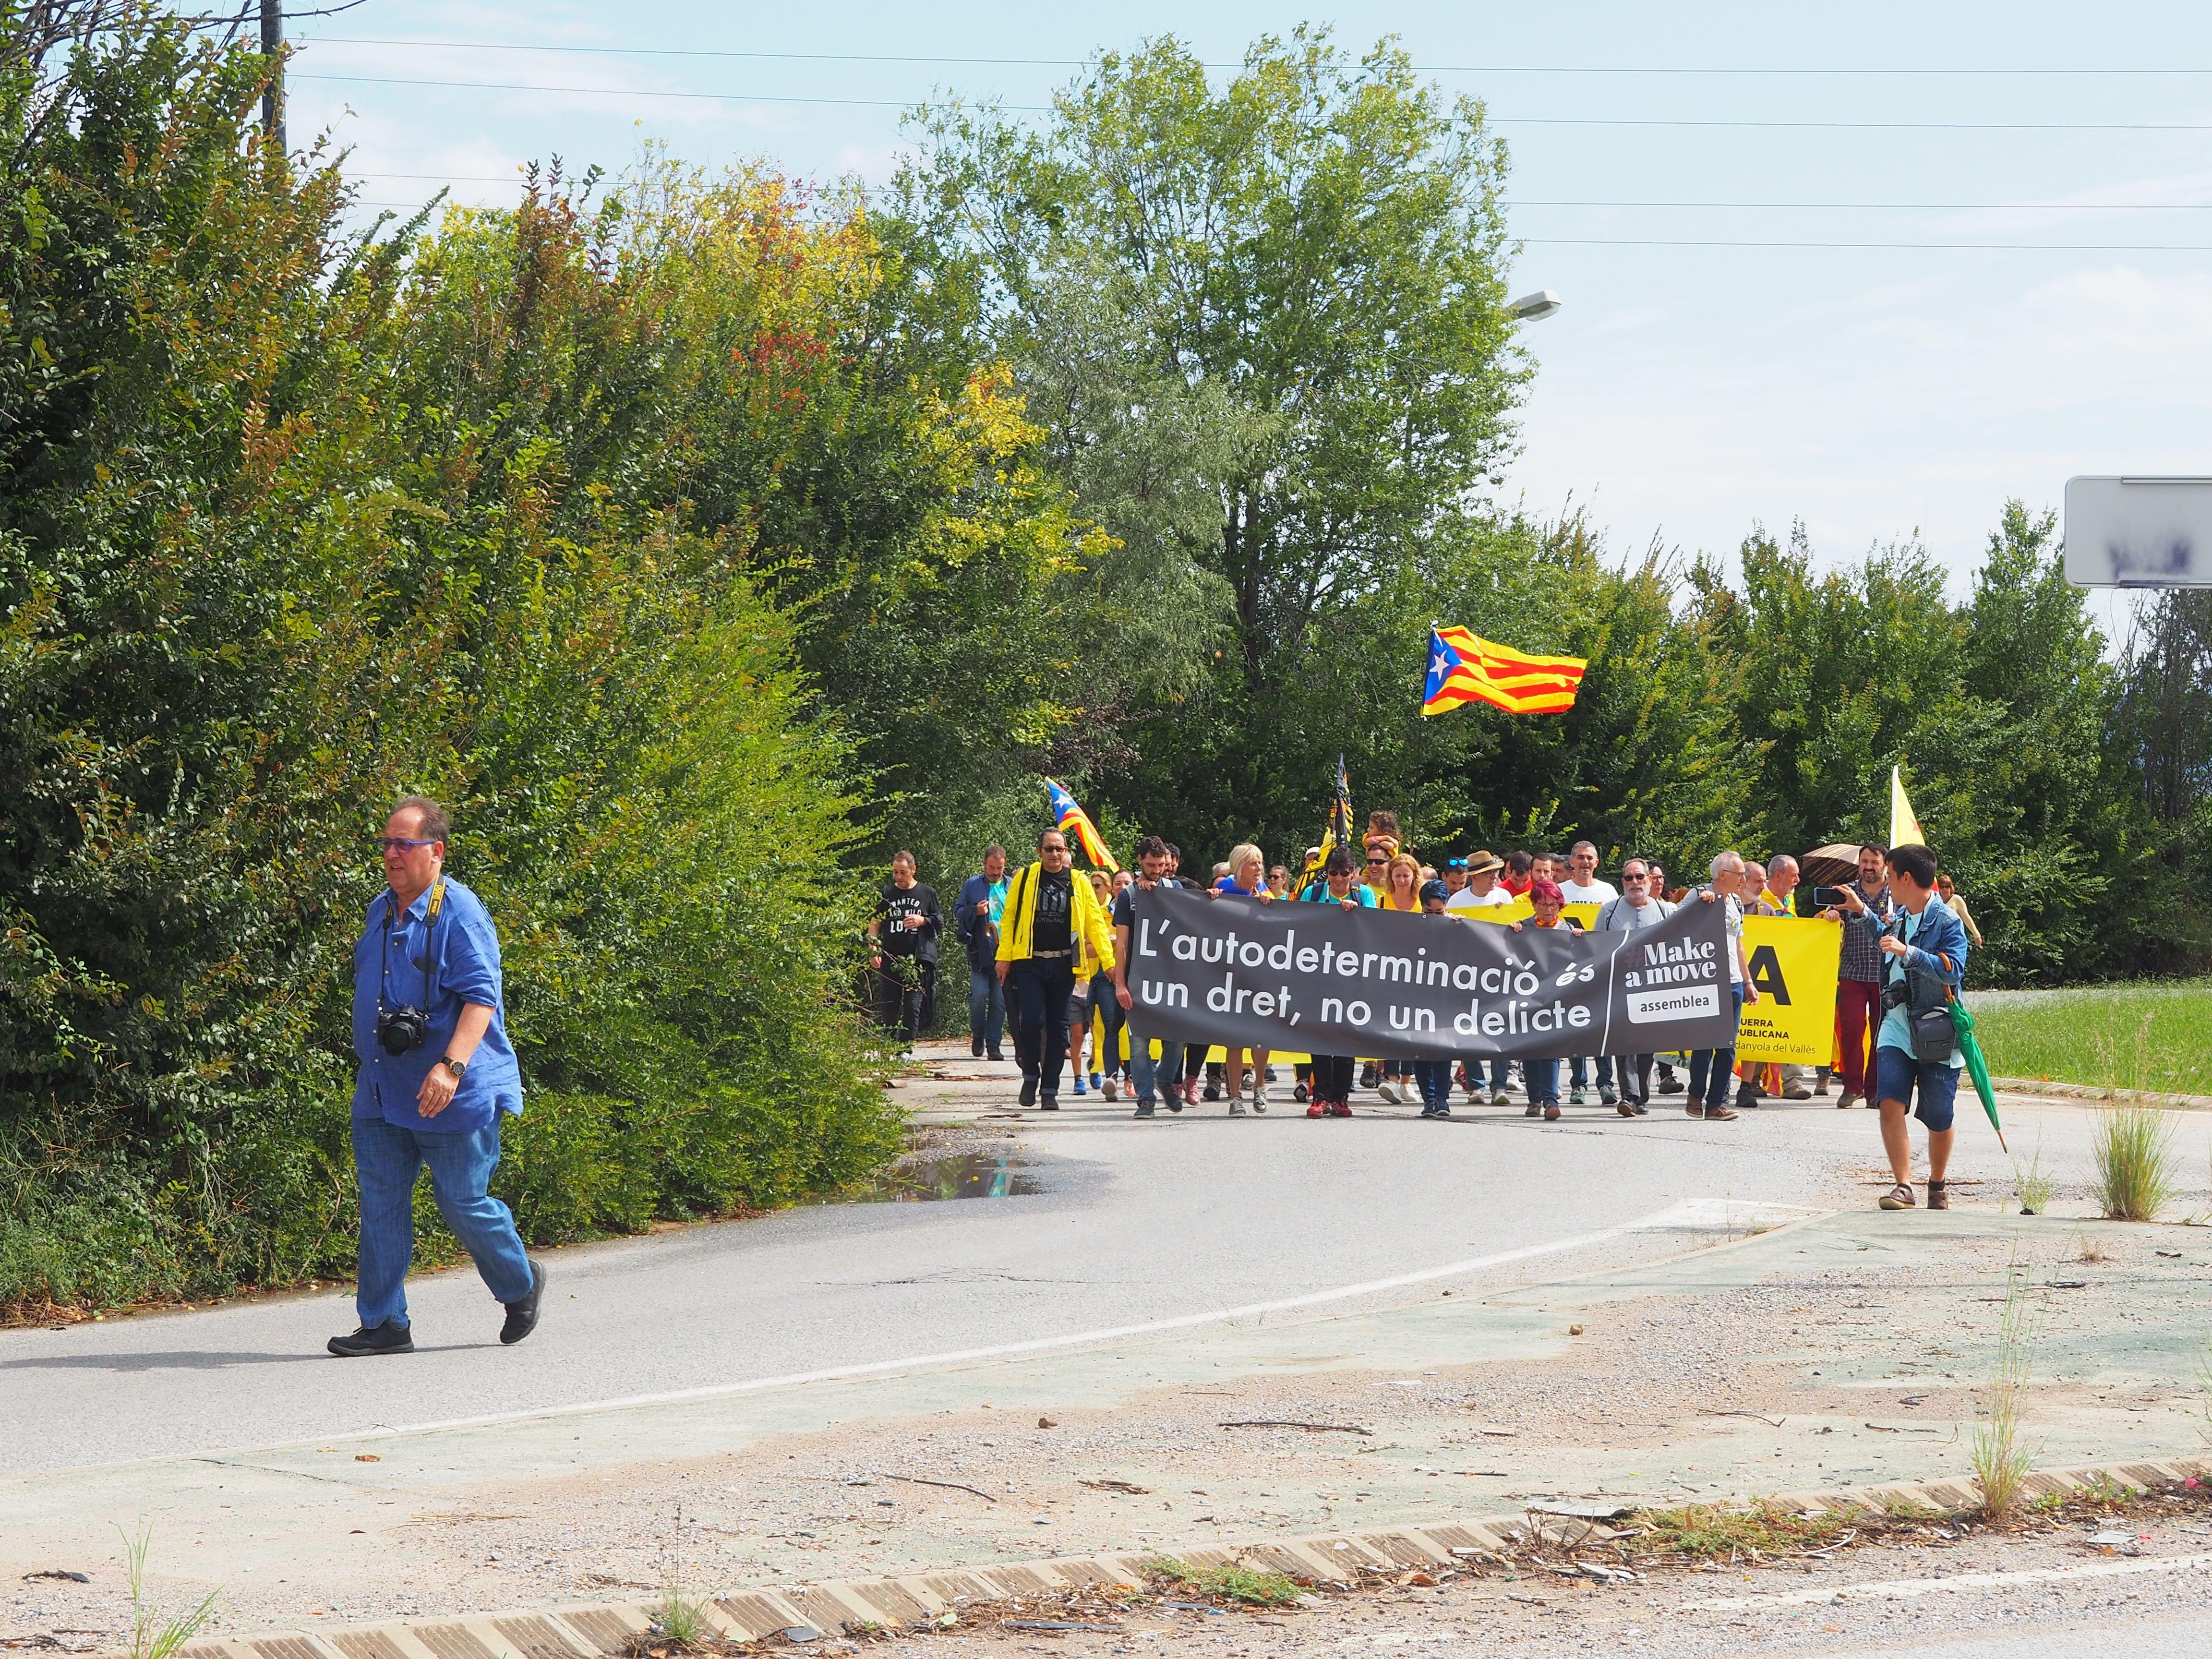 La manifestació ha arribat fins al pont de la UAB